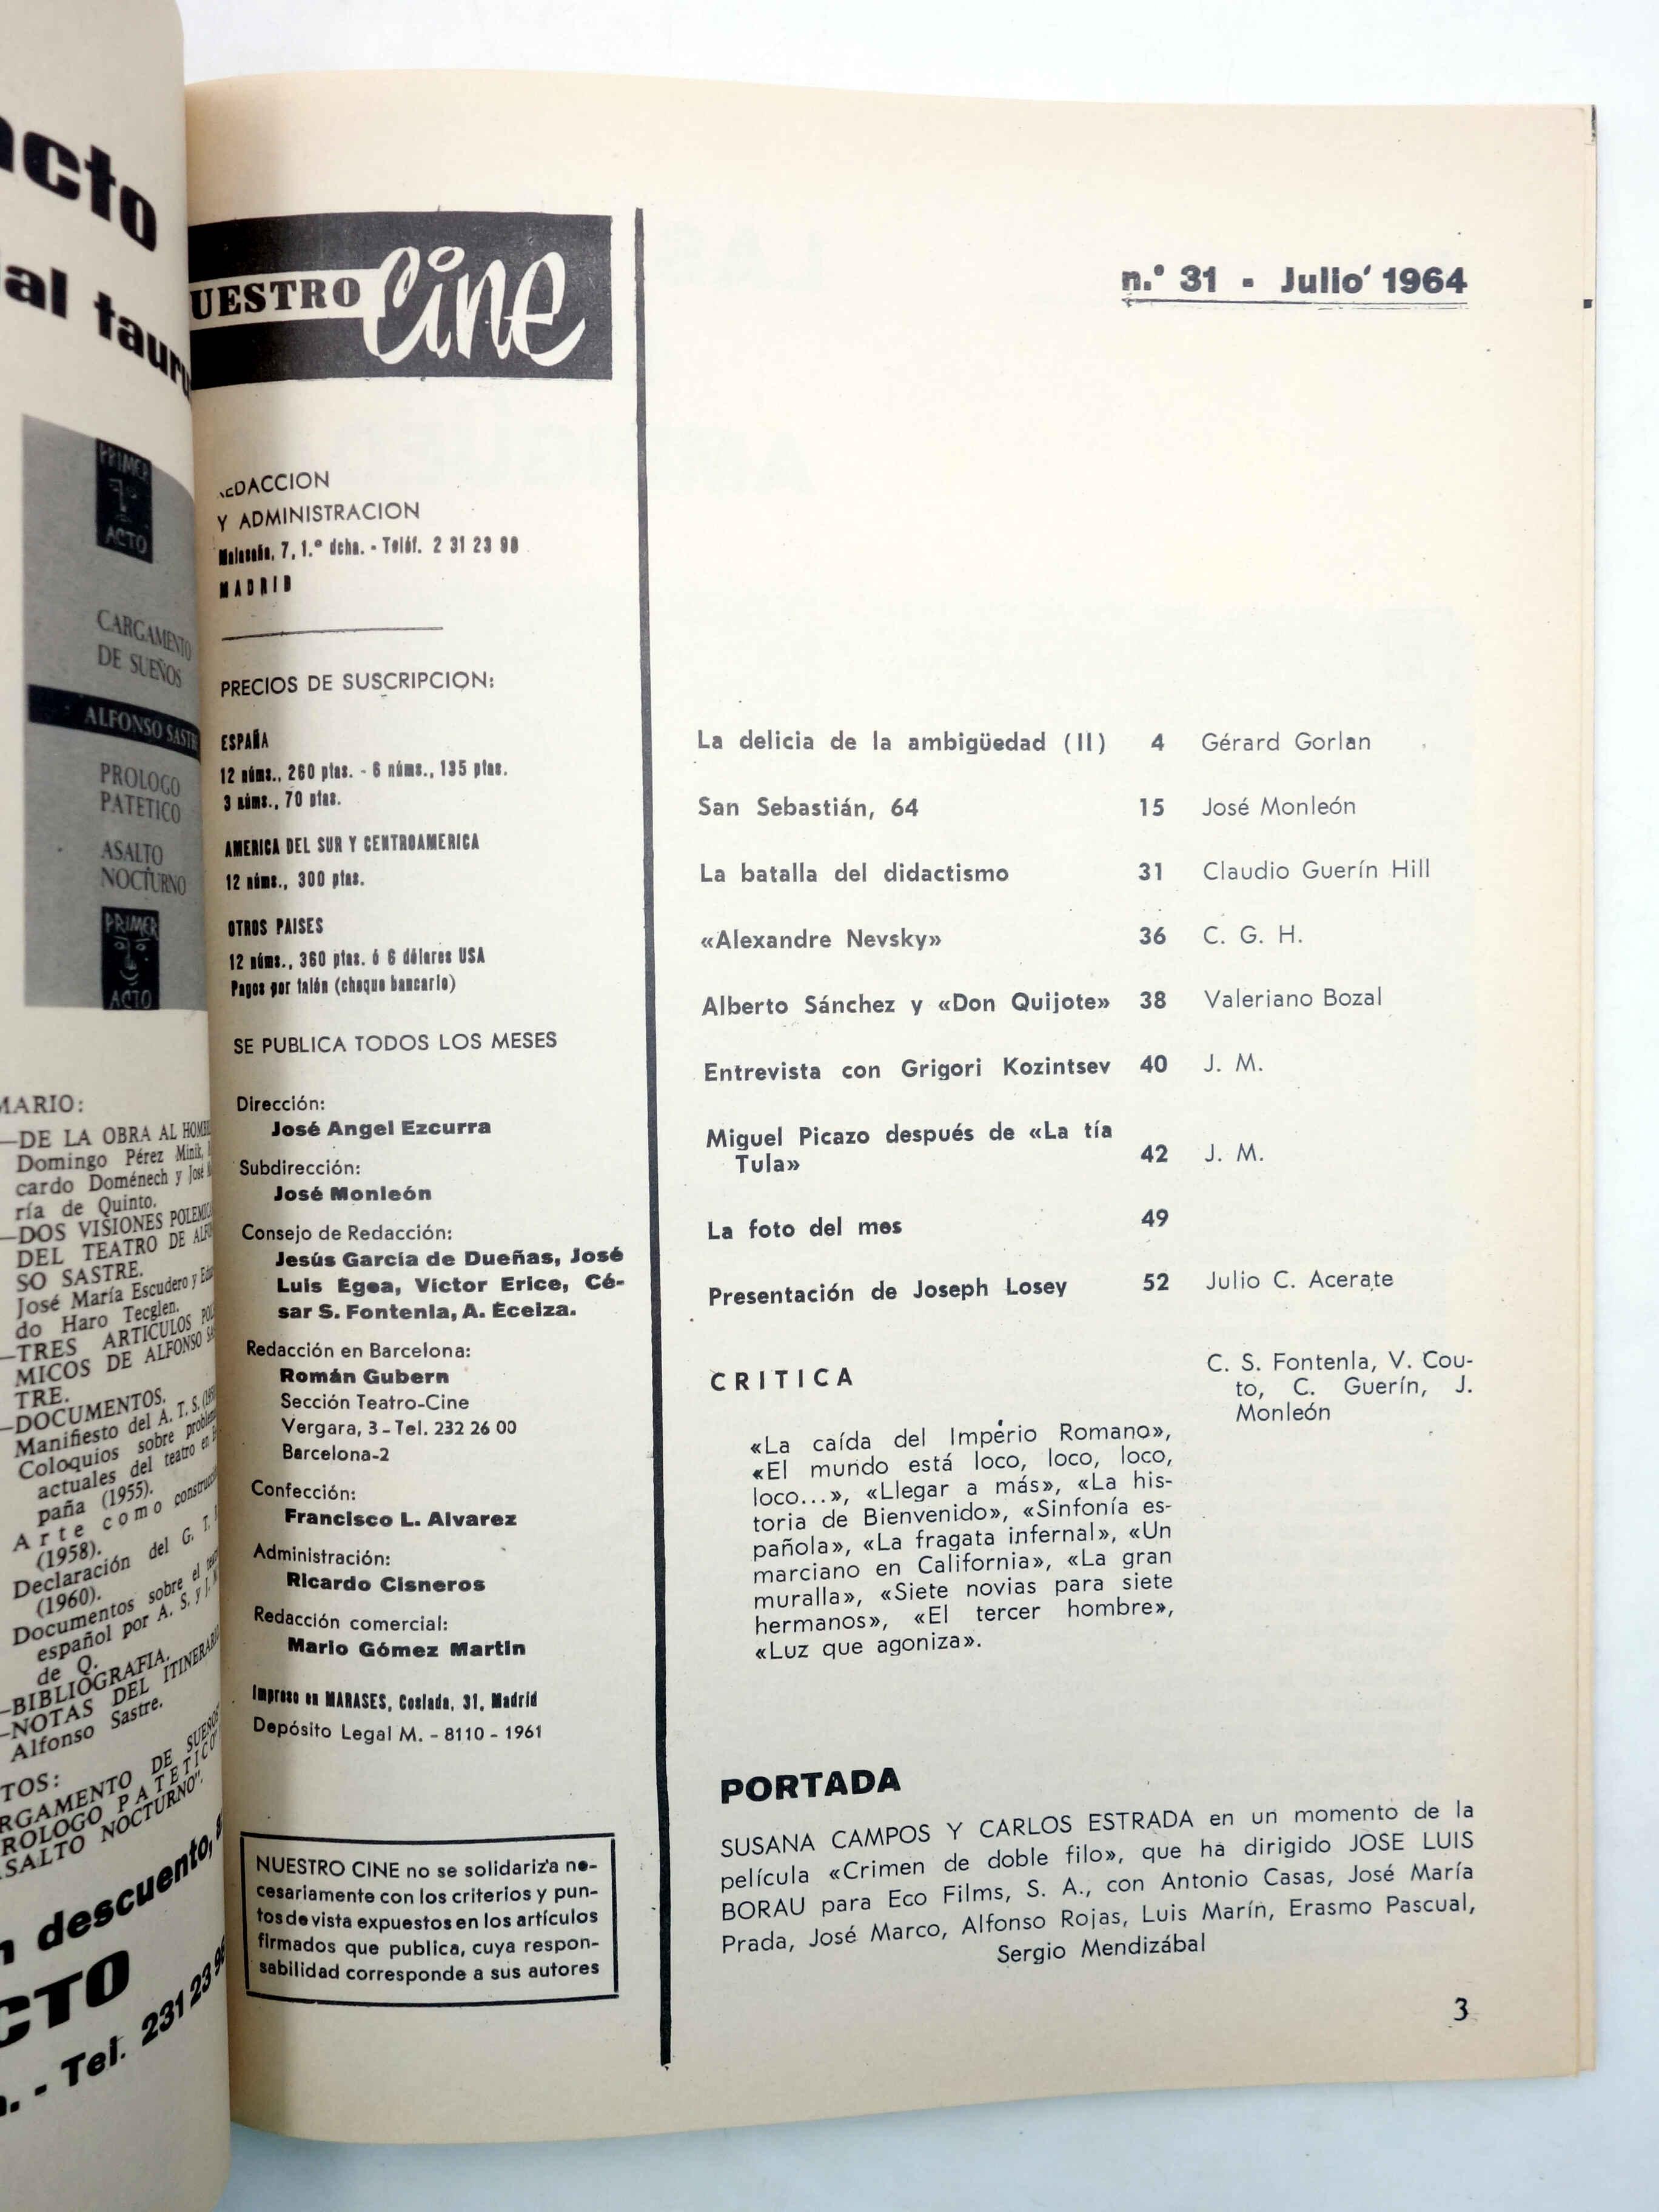 NUESTRO CINE. REVISTA CINEMATOGRÁFICA 31. SAN SEBASTIÁN 64